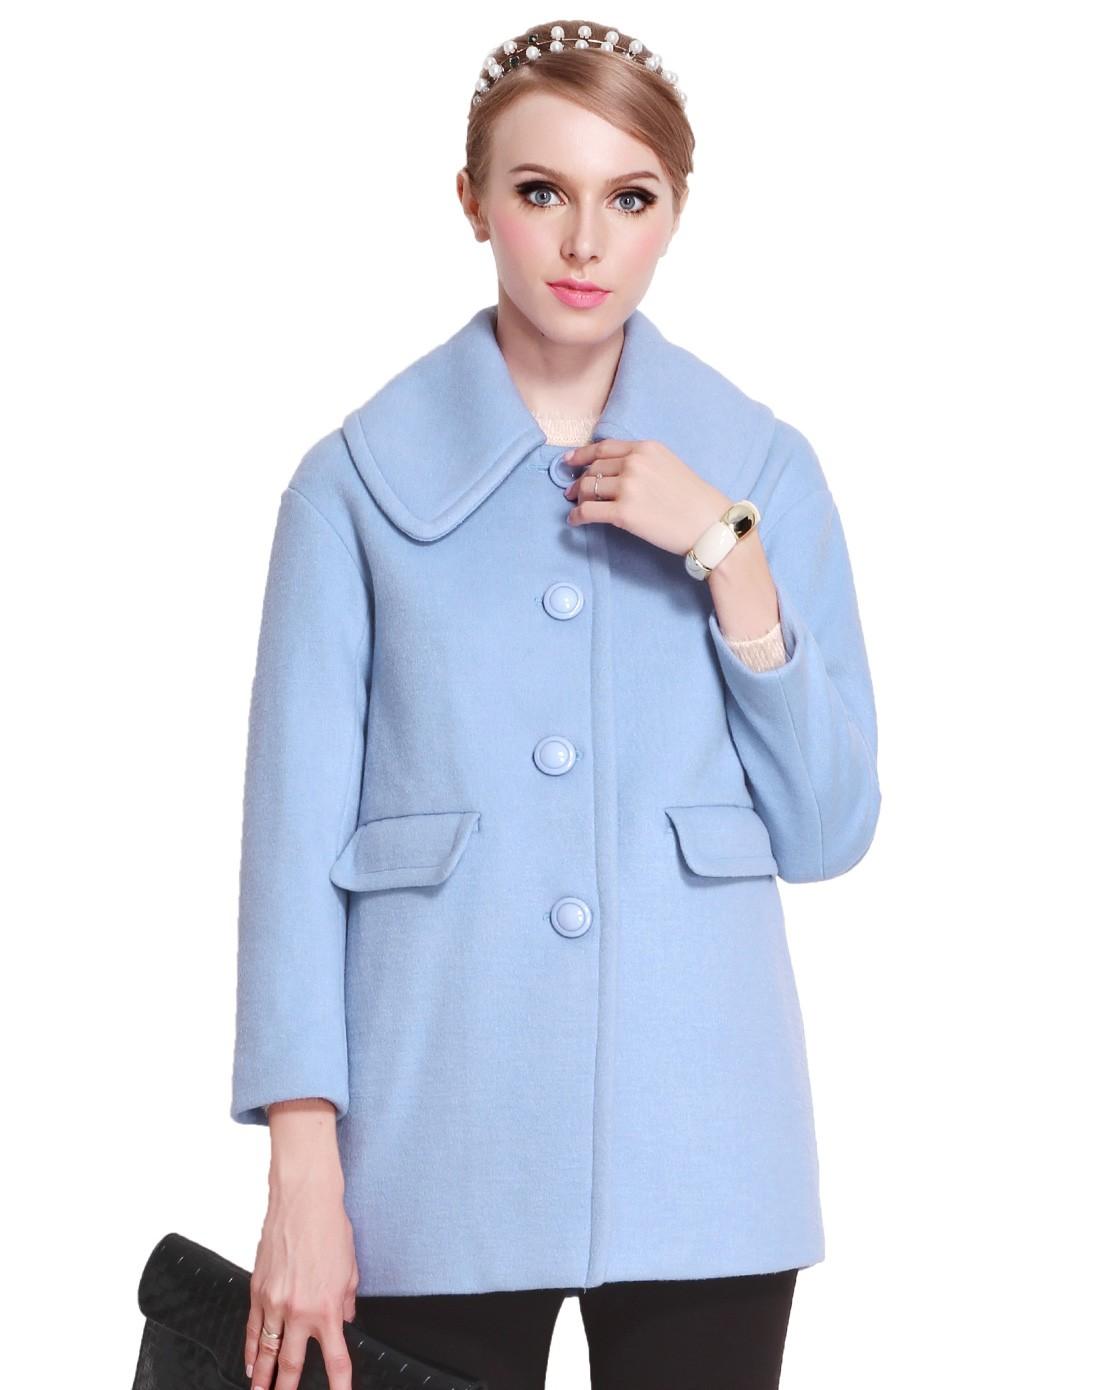 服_搭配 大衣 风衣 服装 工作服 外套 制服 1100_1390 竖版 竖屏